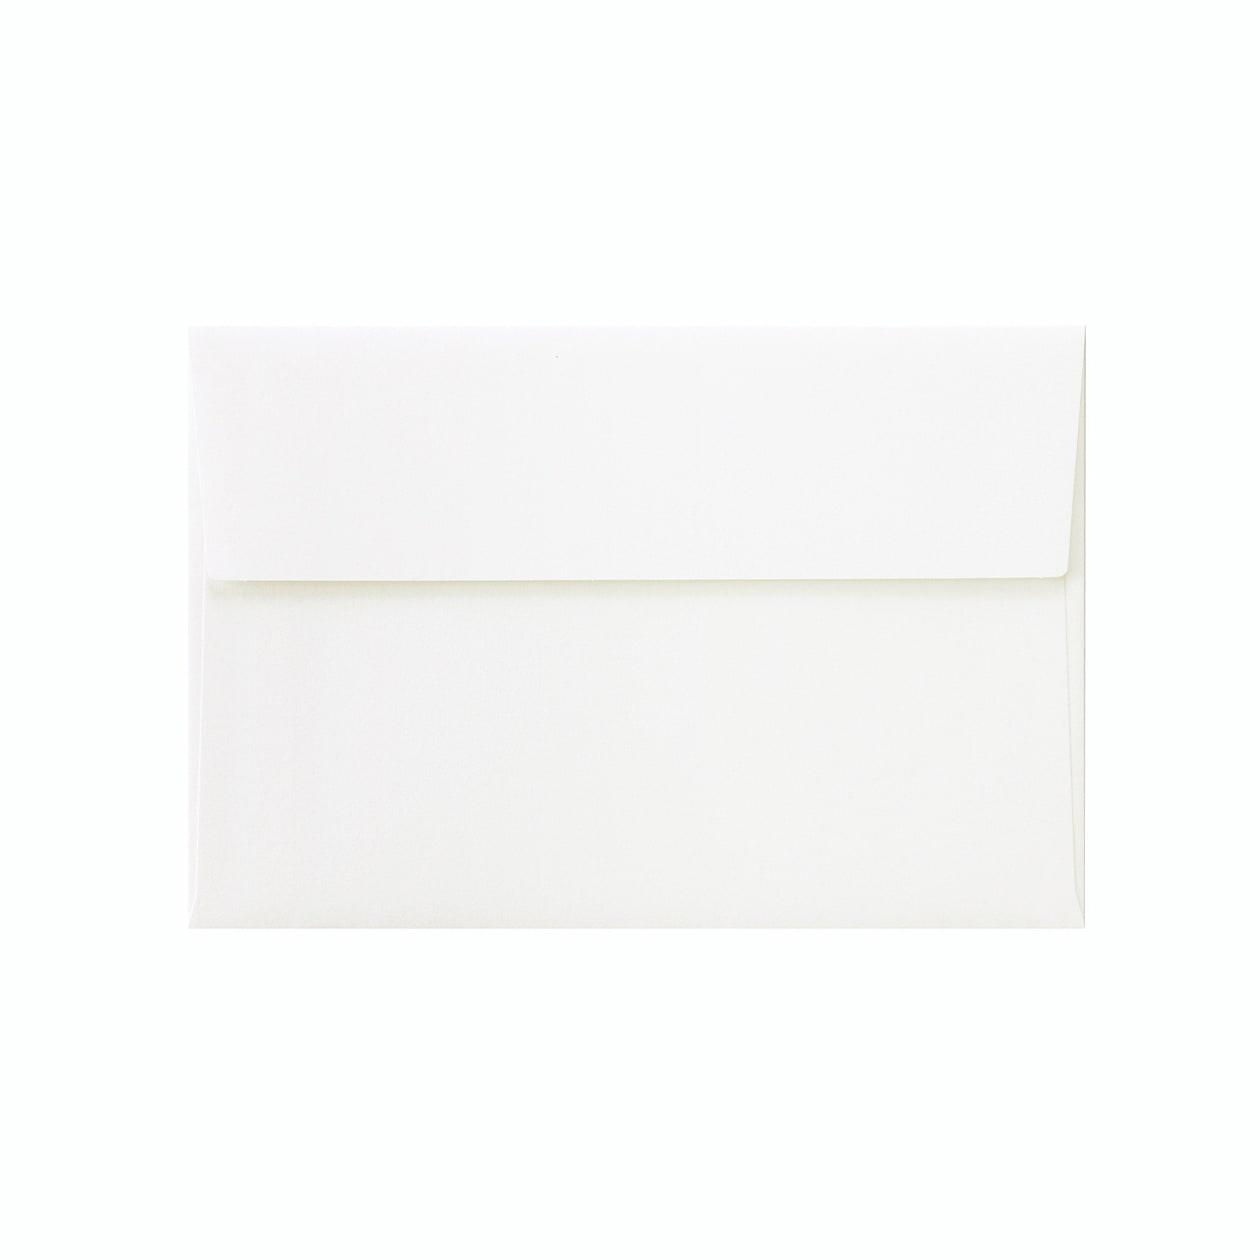 洋1カマス封筒 コットン スノーホワイト 116.3g